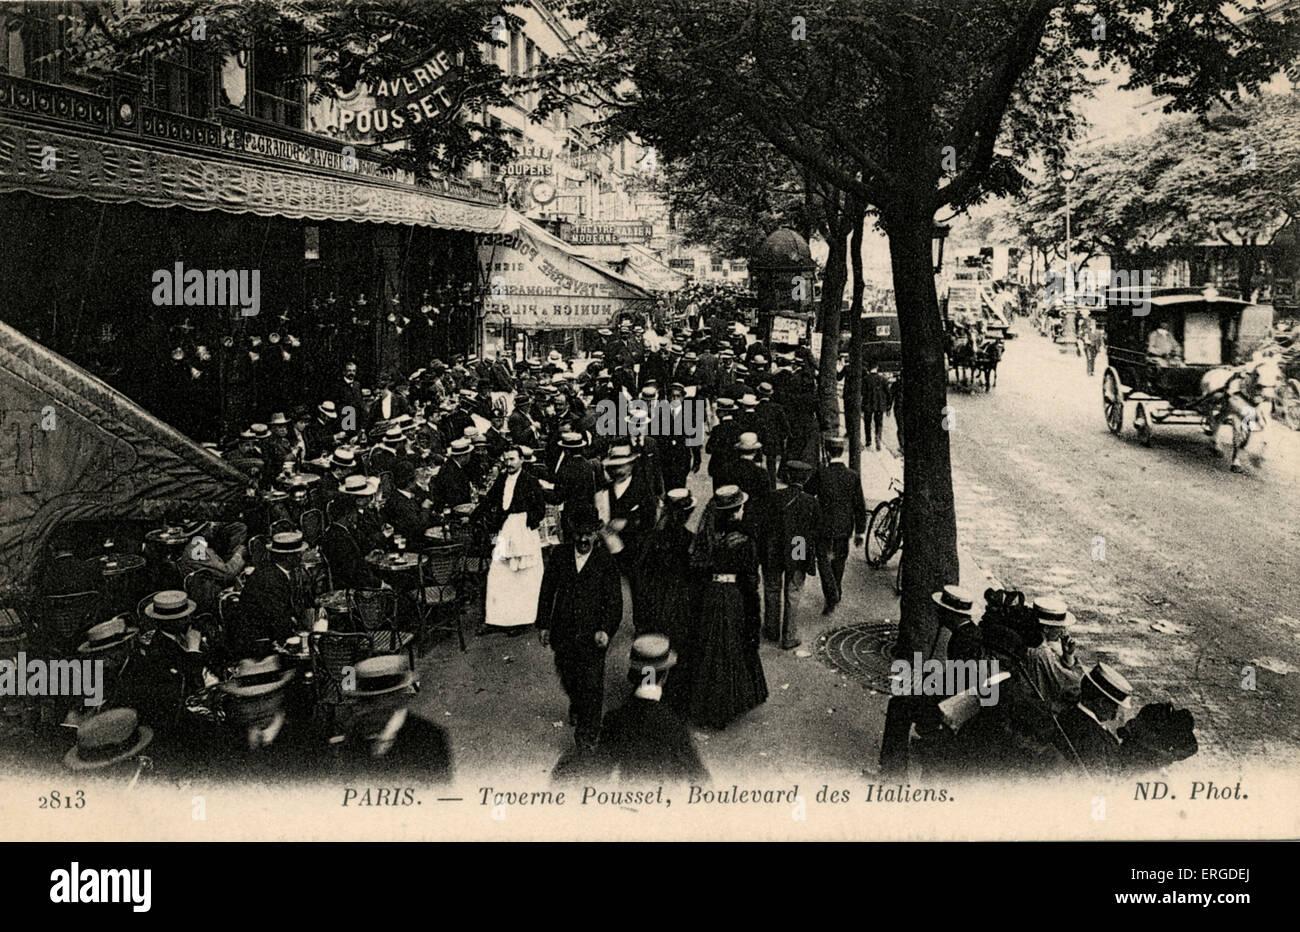 Taverne Pousset, Boulevard des vergoß, Paris, um 1900. Public House. Stockbild